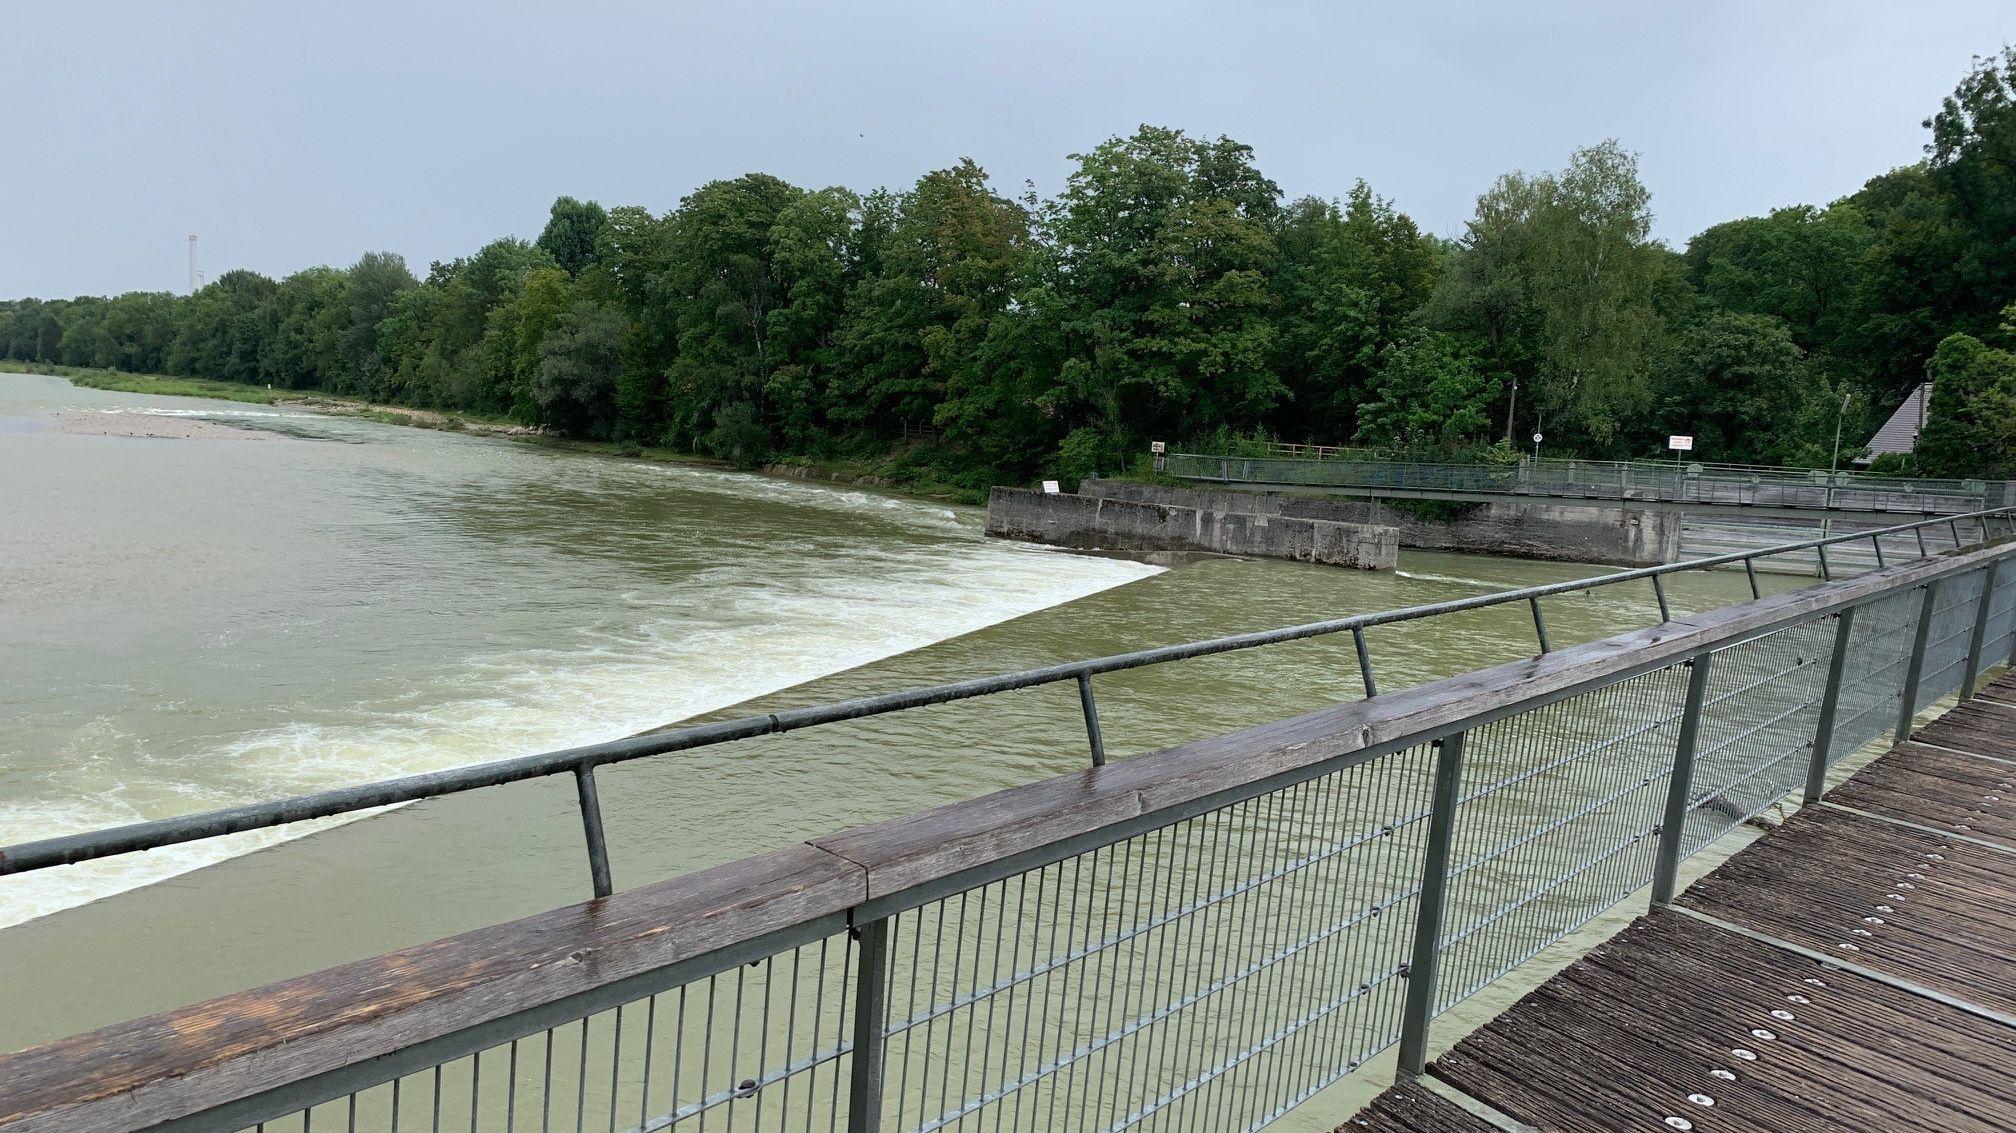 Die viel Wasser führende Isar auf Höhe der Marienklausenbrücke in München am 15. August 2019.